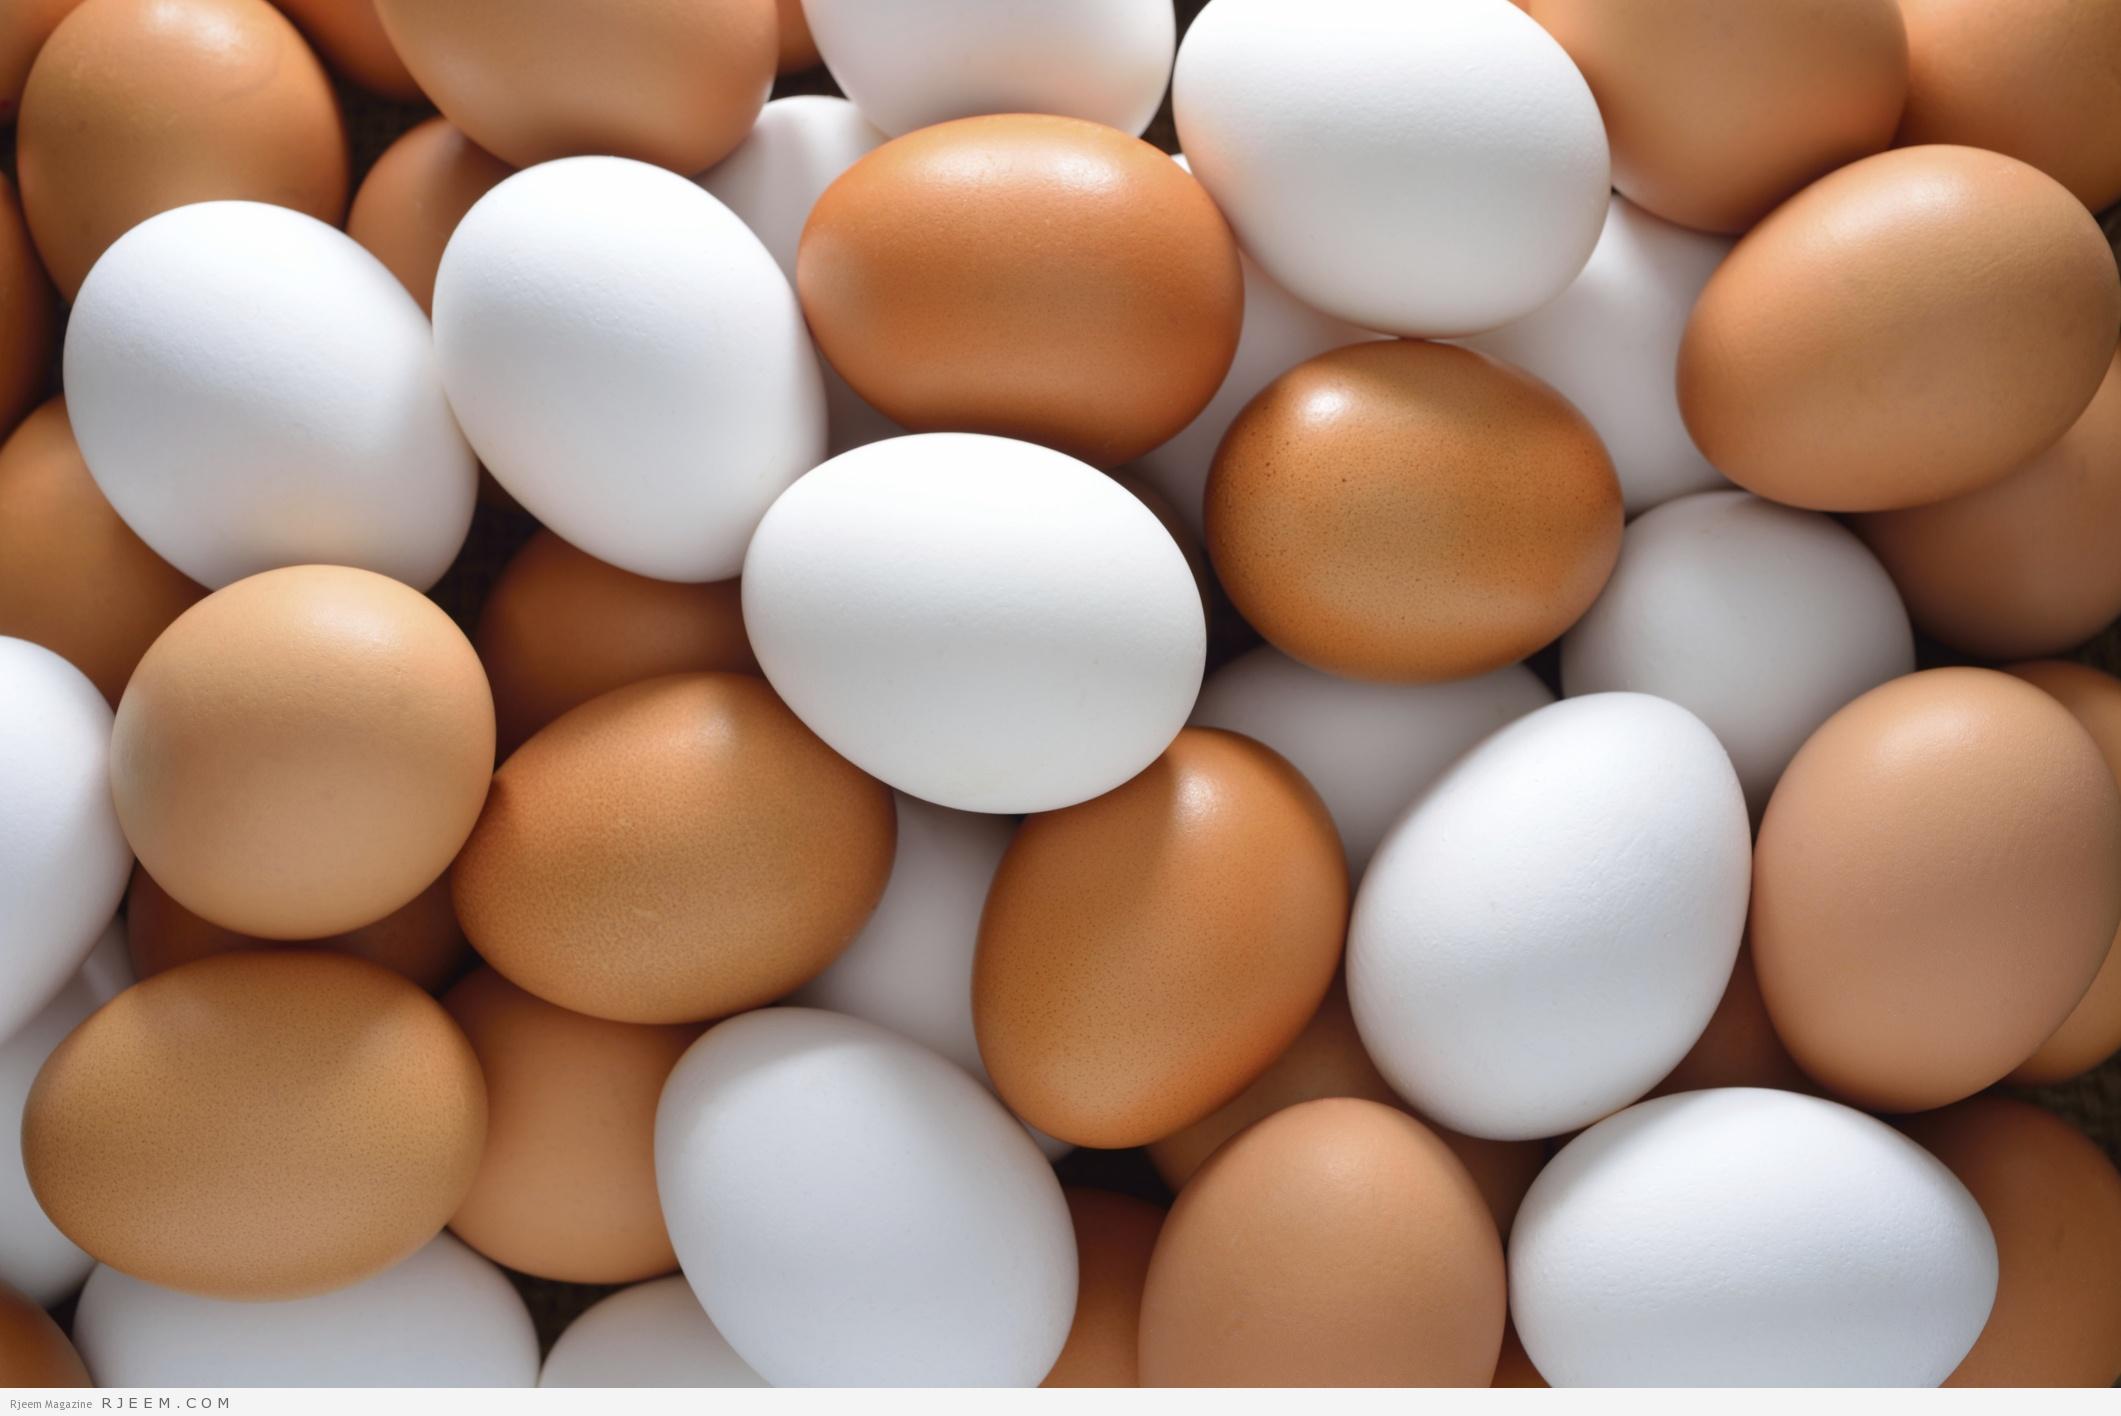 اسعار البيض اليوم